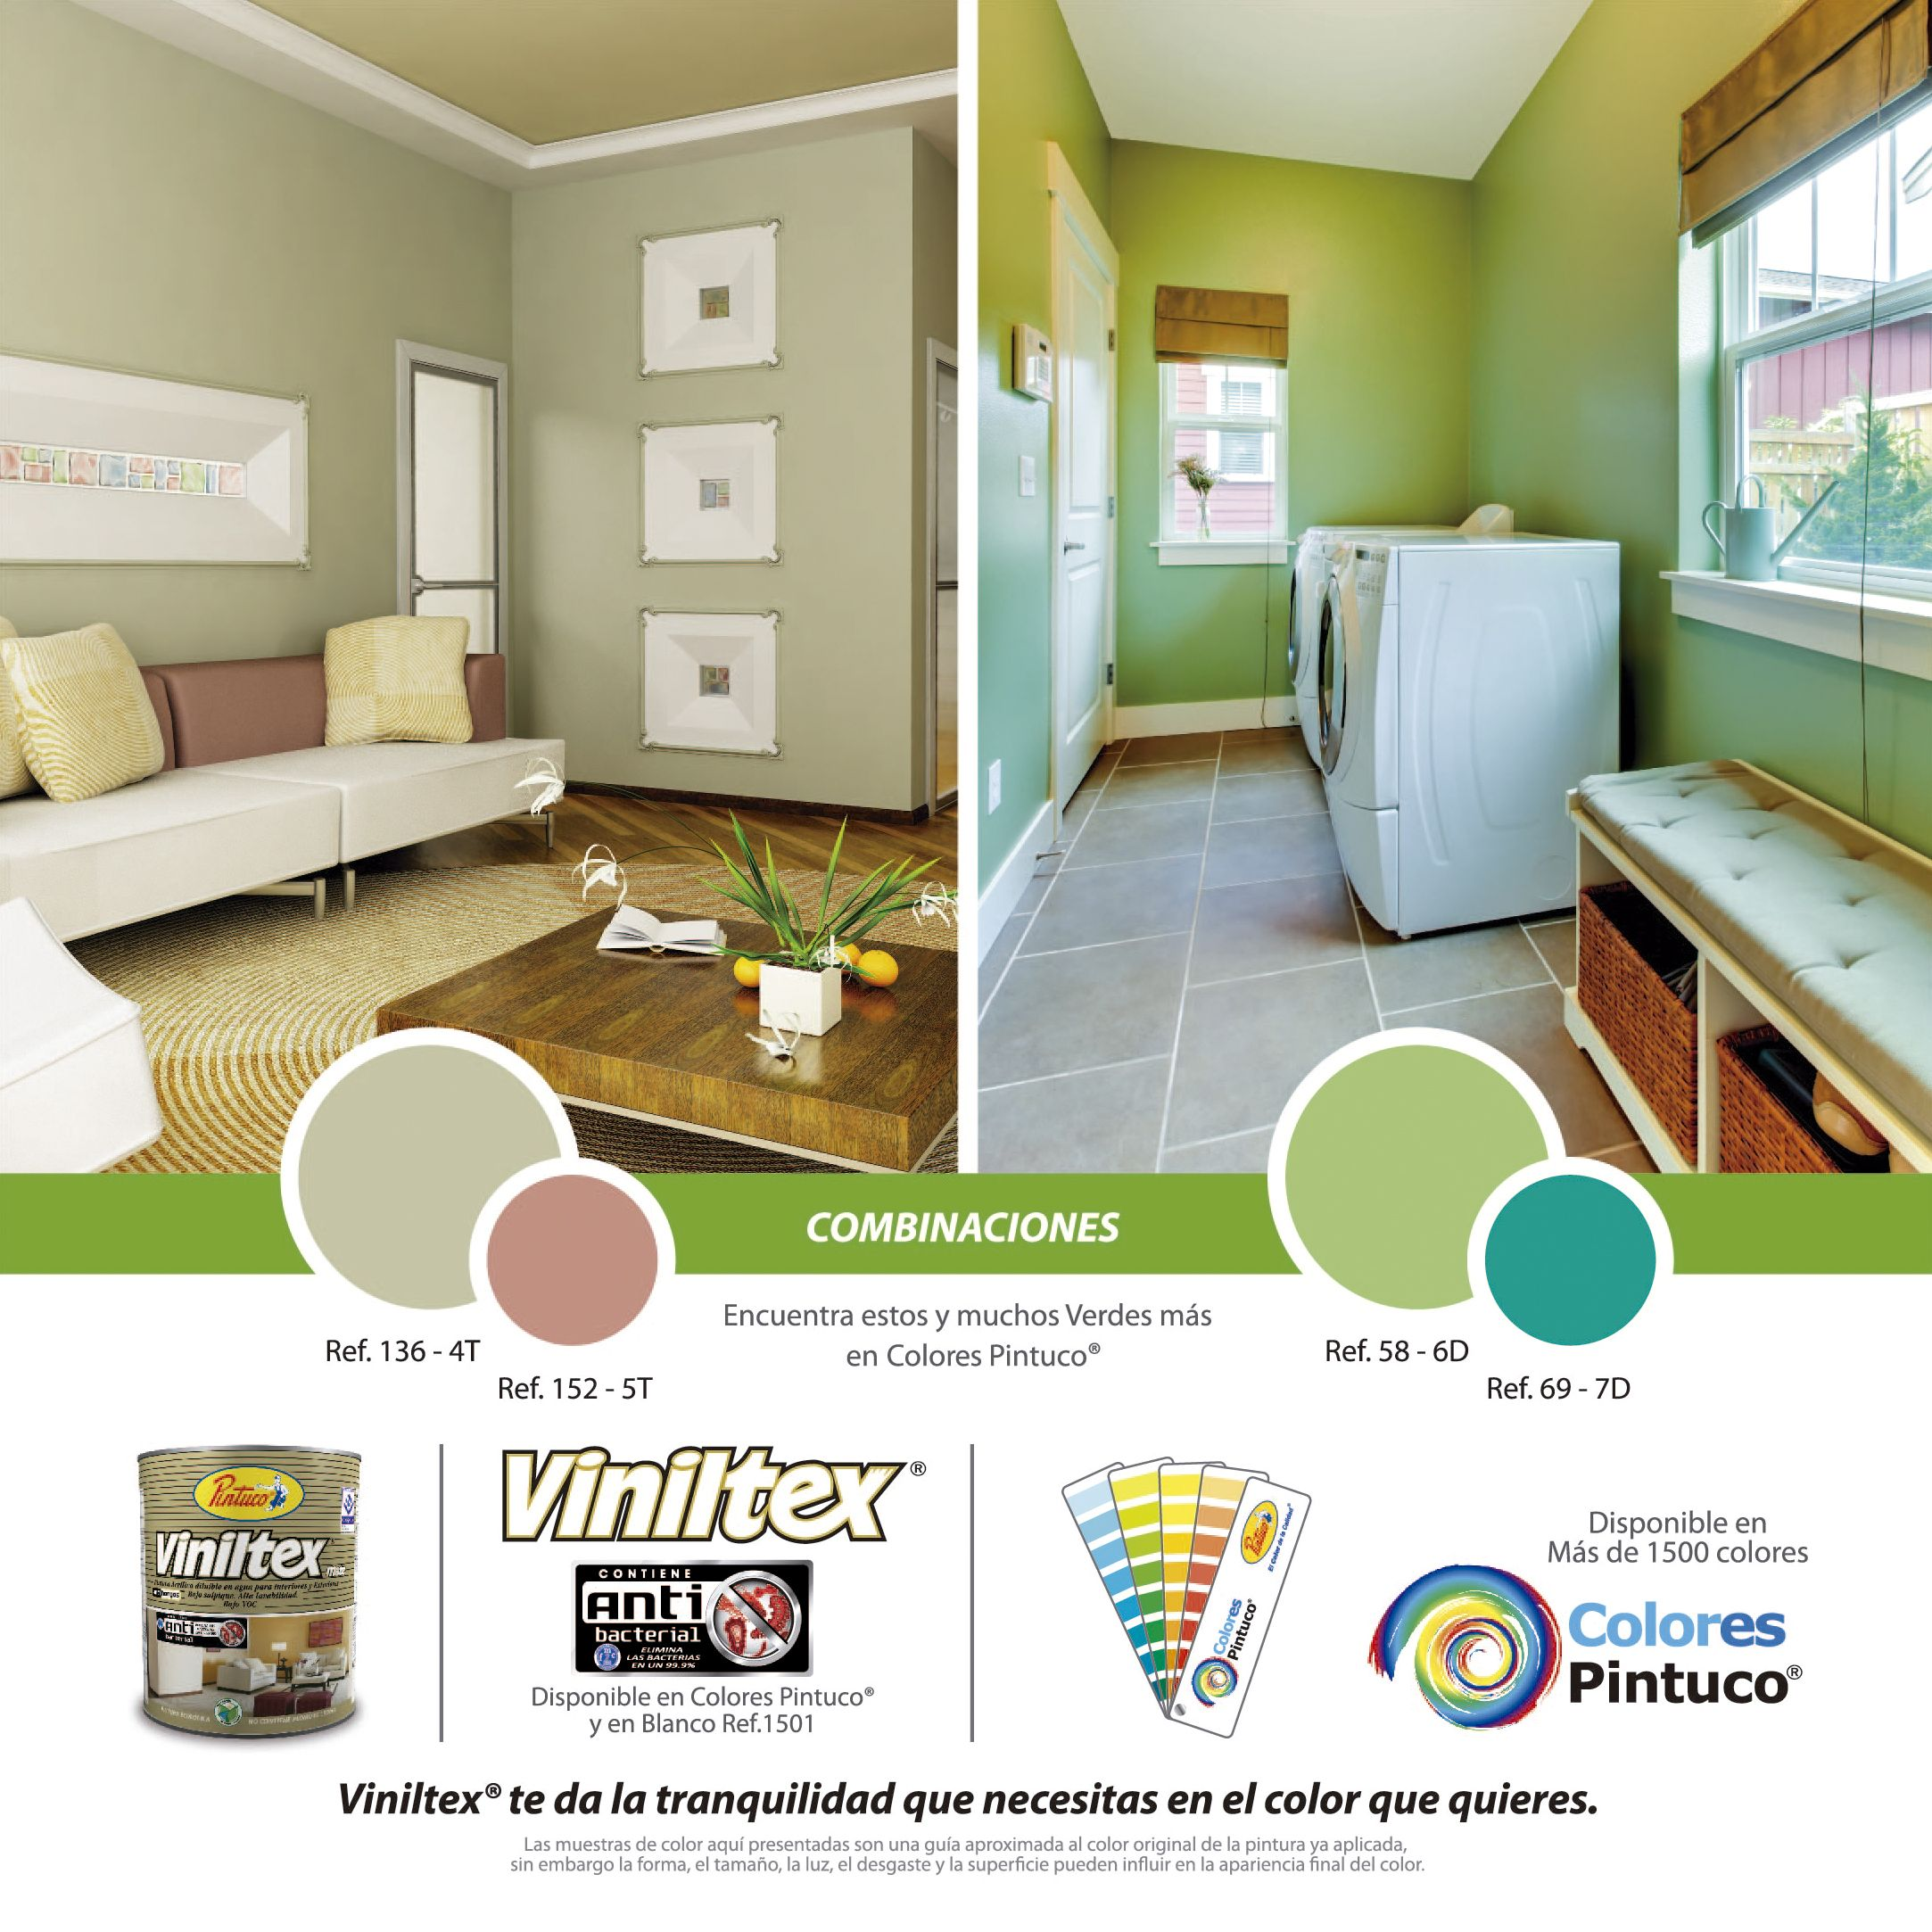 Combinaciones en color verde de viniltes de pintuco - Catalogos de pinturas para casas ...